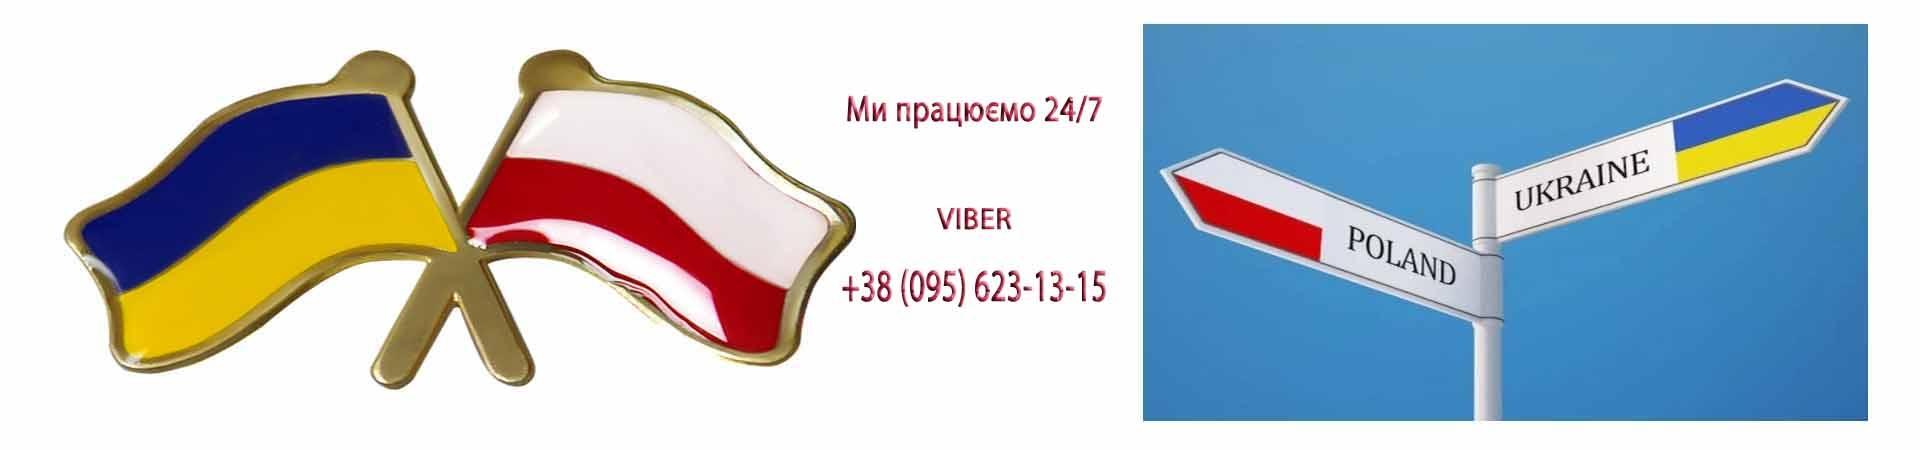 Tłumaczenie polskich ustaw